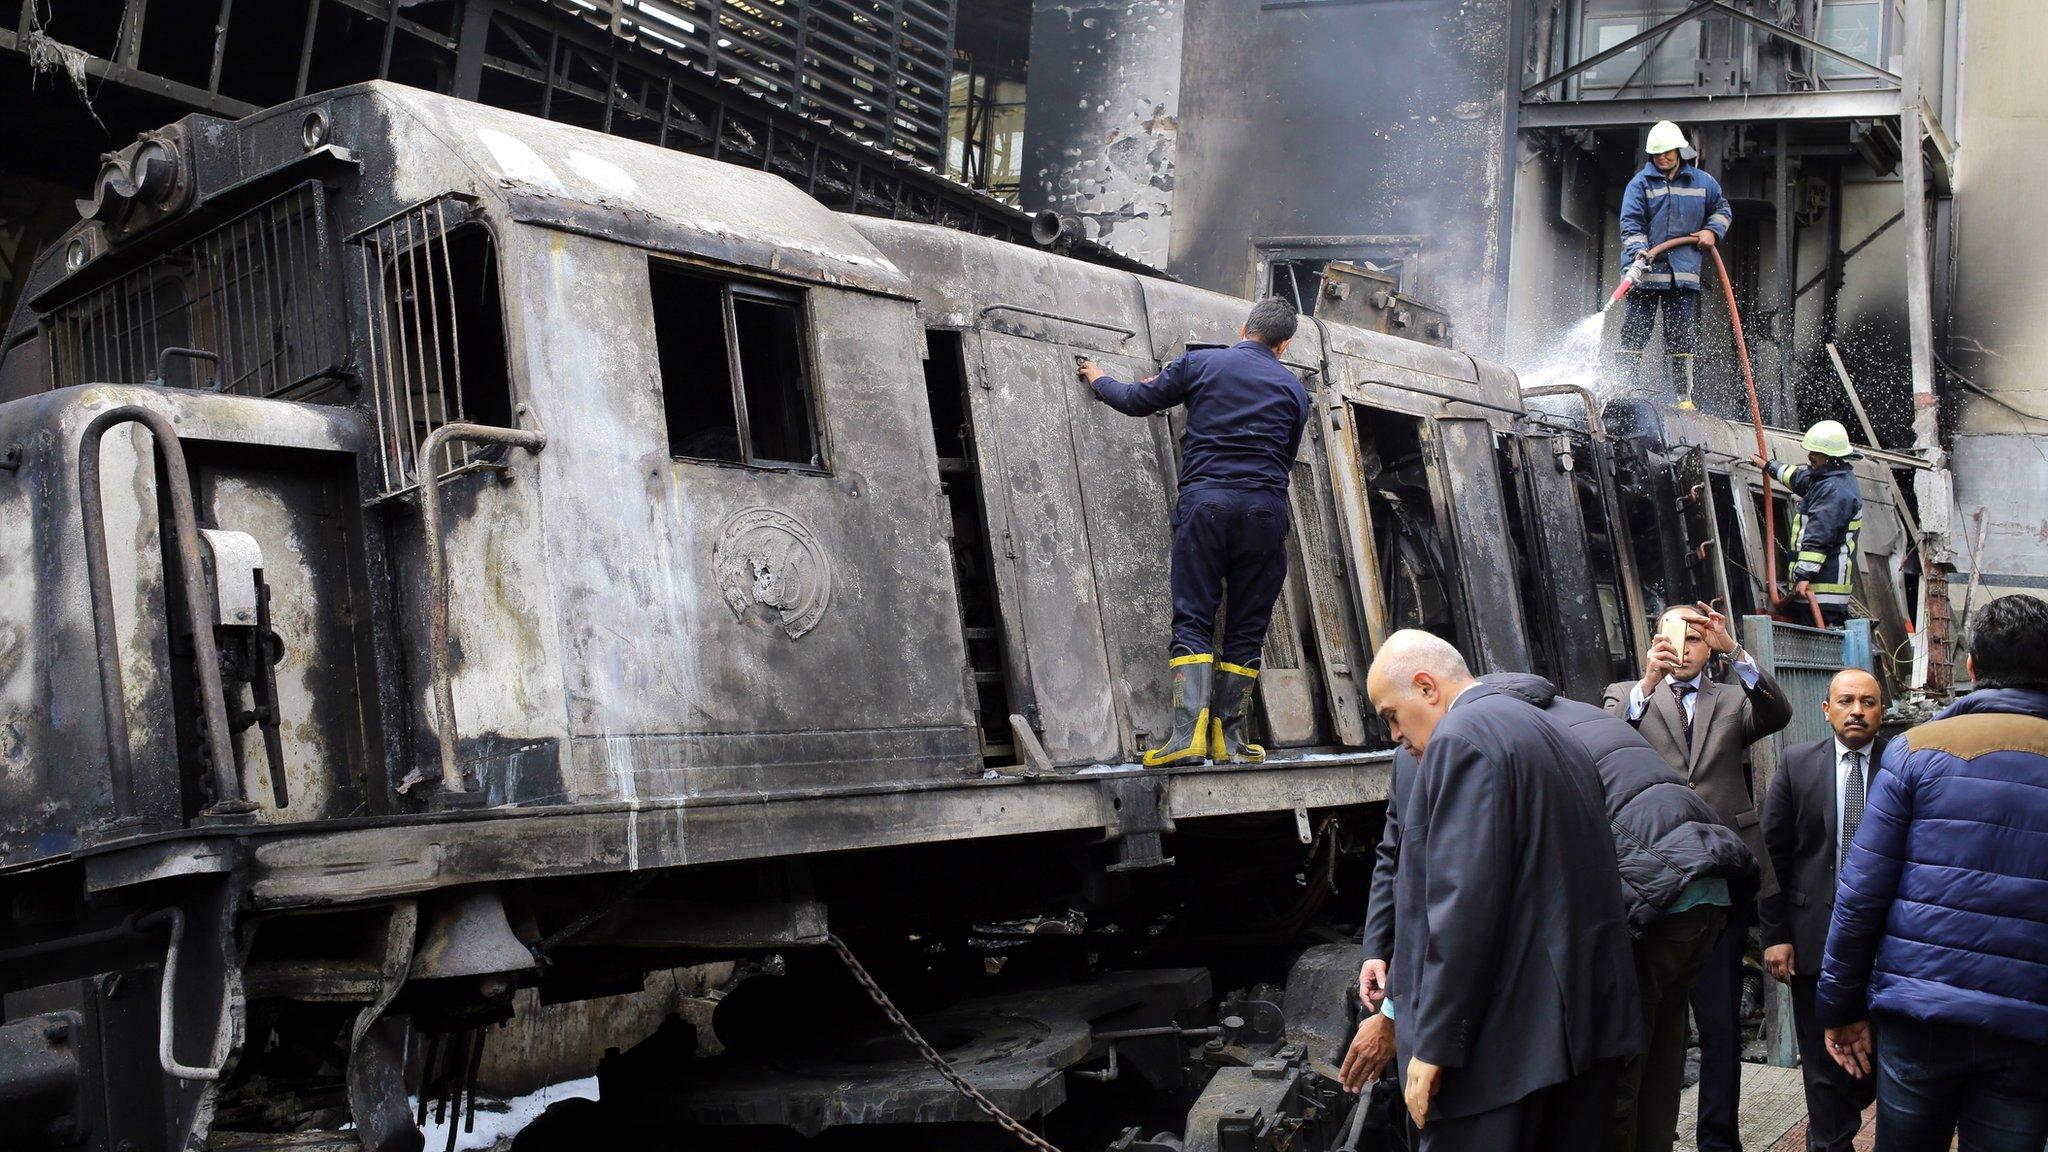 Vatrogasci gase požar na železničkoj stanici Ramzes